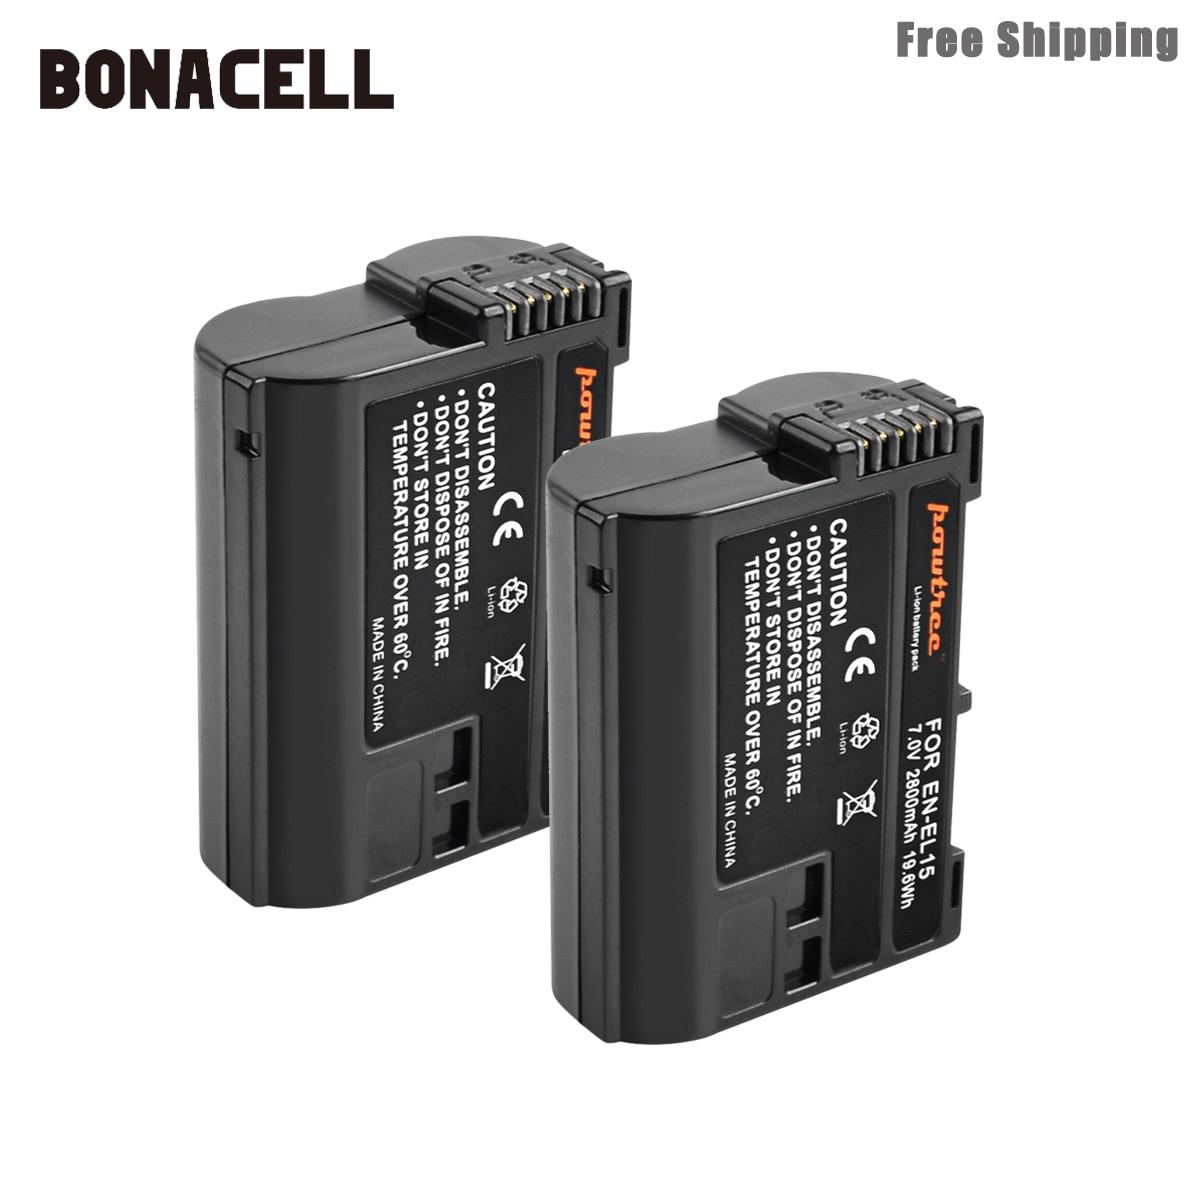 Bonacell 2800mAh EN-EL15 ENEL15 EN EL15 Camera Battery For Nikon DSLR D600 D610 D800 D800E D810 D7000 D7100 D7200 L50